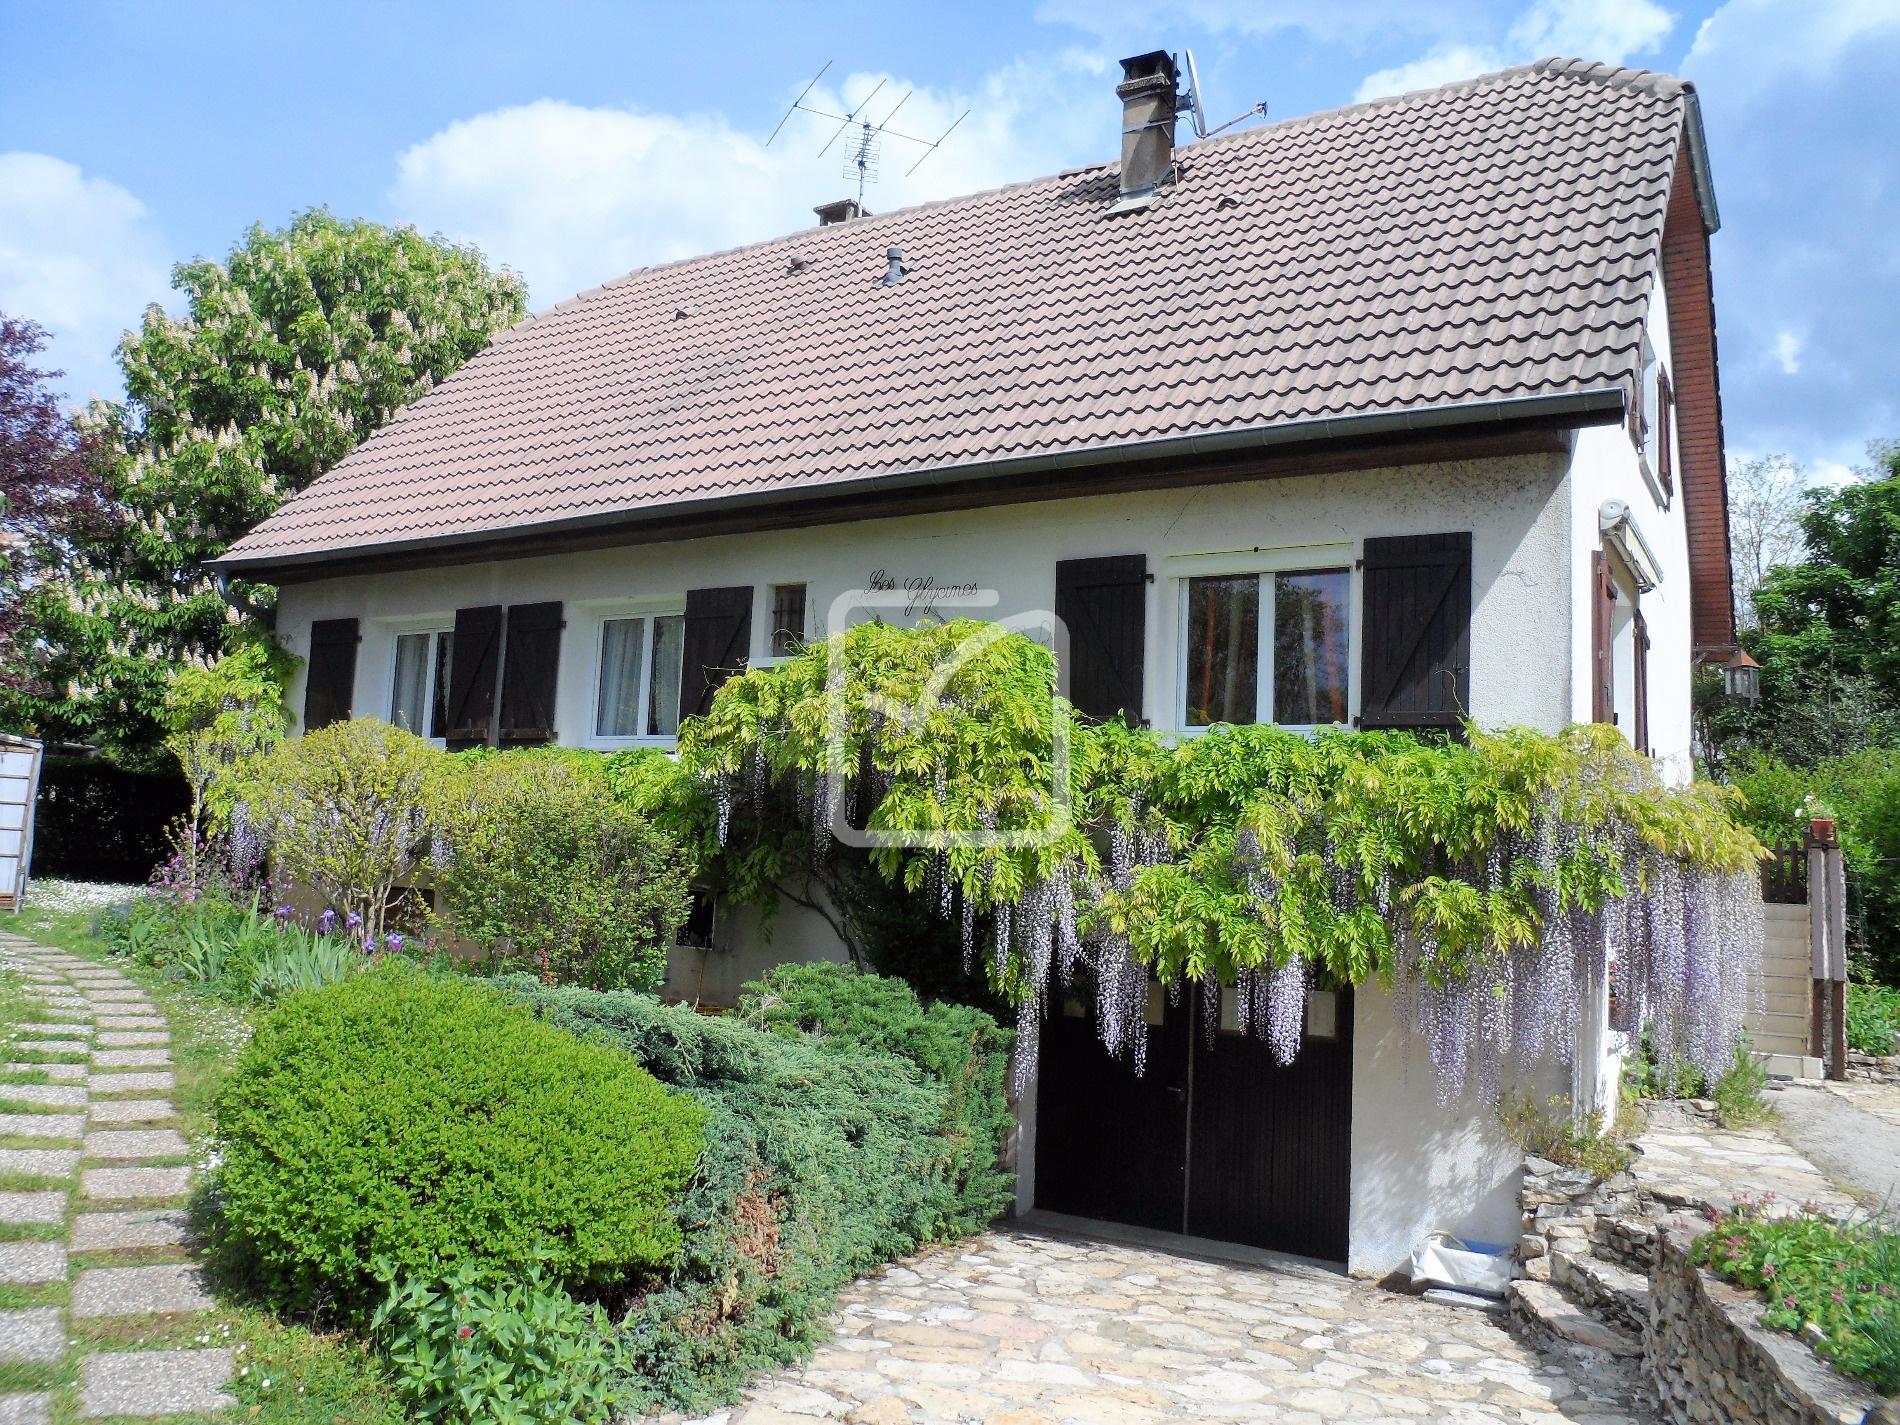 Annonce vente maison auxonne 21130 150 m 189 000 992738244274 - Le bon coin lyon immobilier achat ...